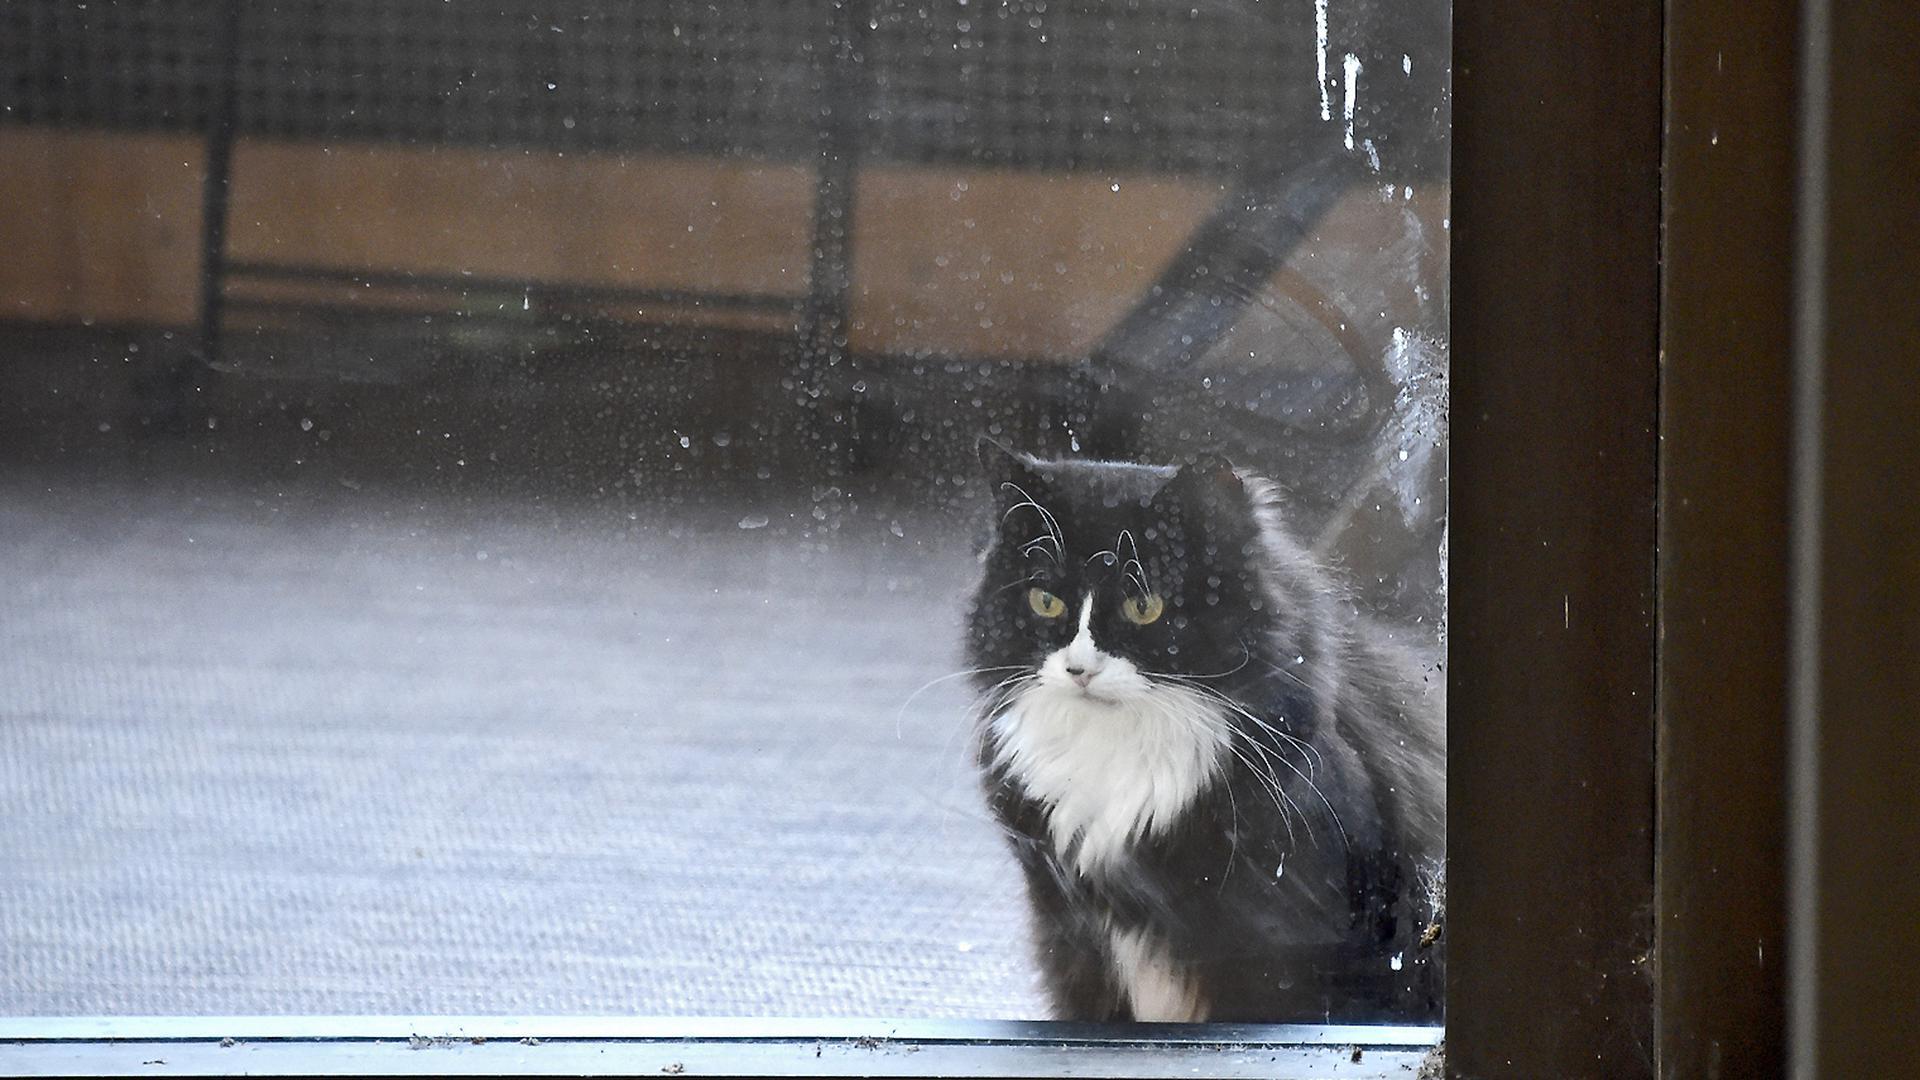 Eine schwarz-weiße Katze sitzt vor einem geschlossenen Fenster.